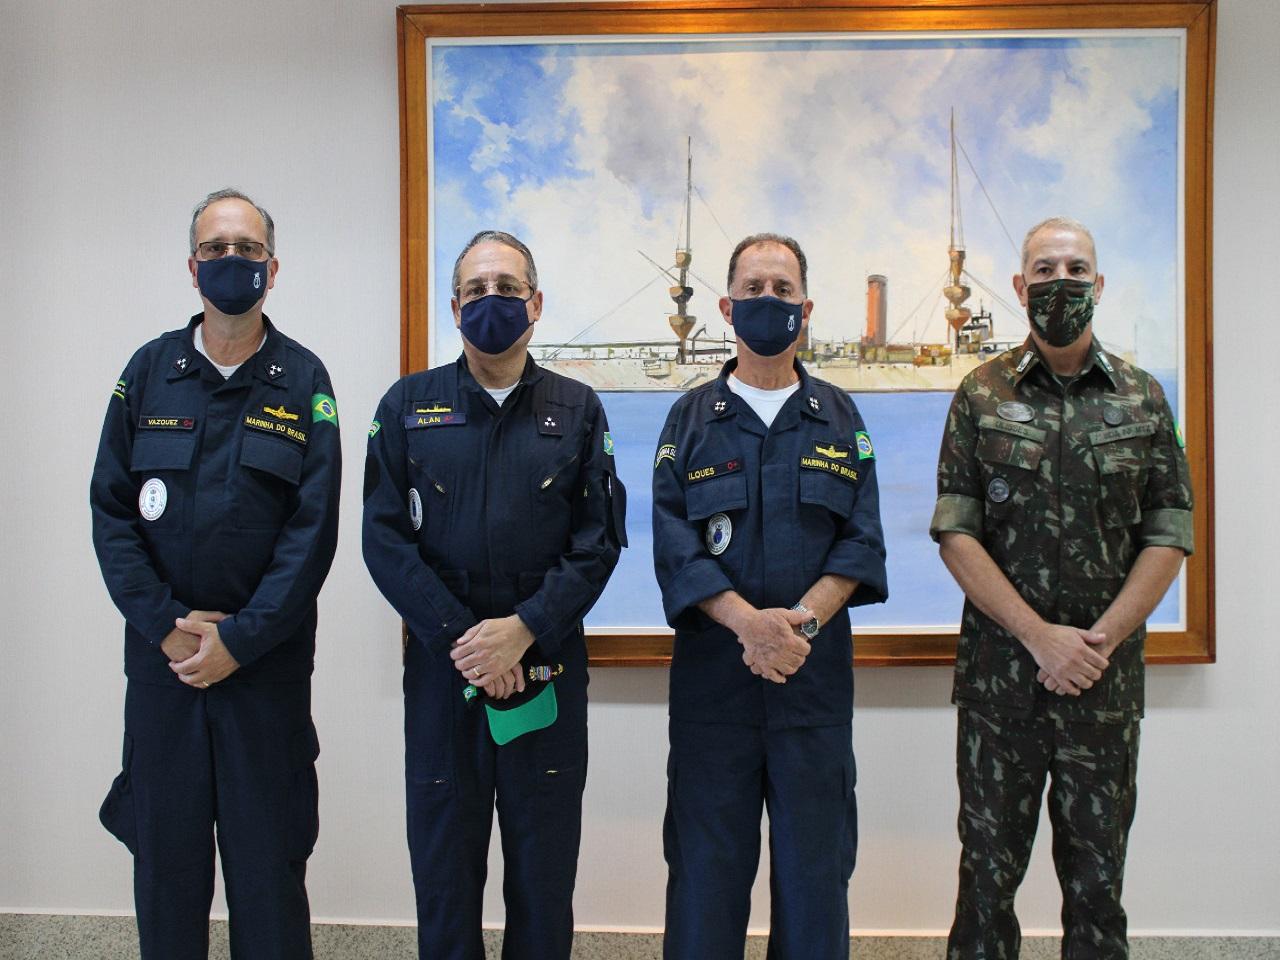 Comandante da Marinha do Brasil visita o Comando Conjunto Rio Grande do Norte e Paraíba